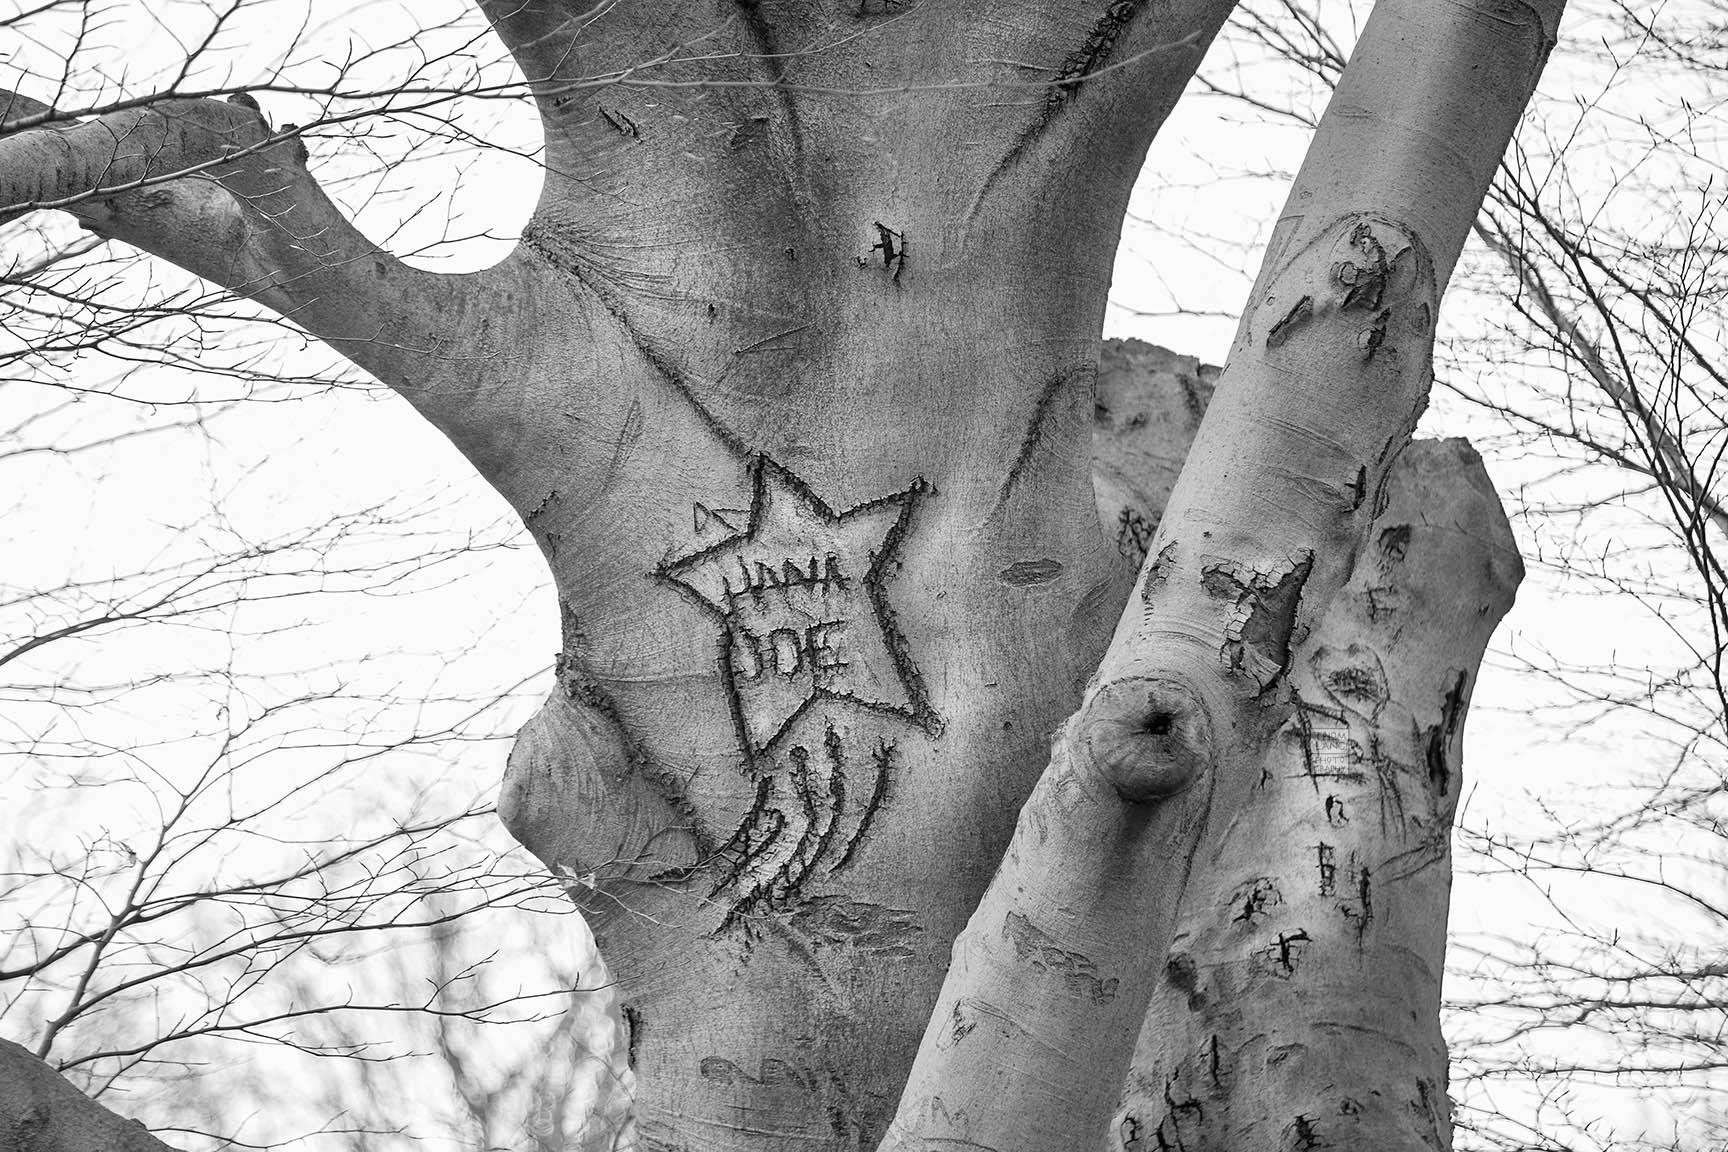 06_Tattoo Tree_7756-BLOG